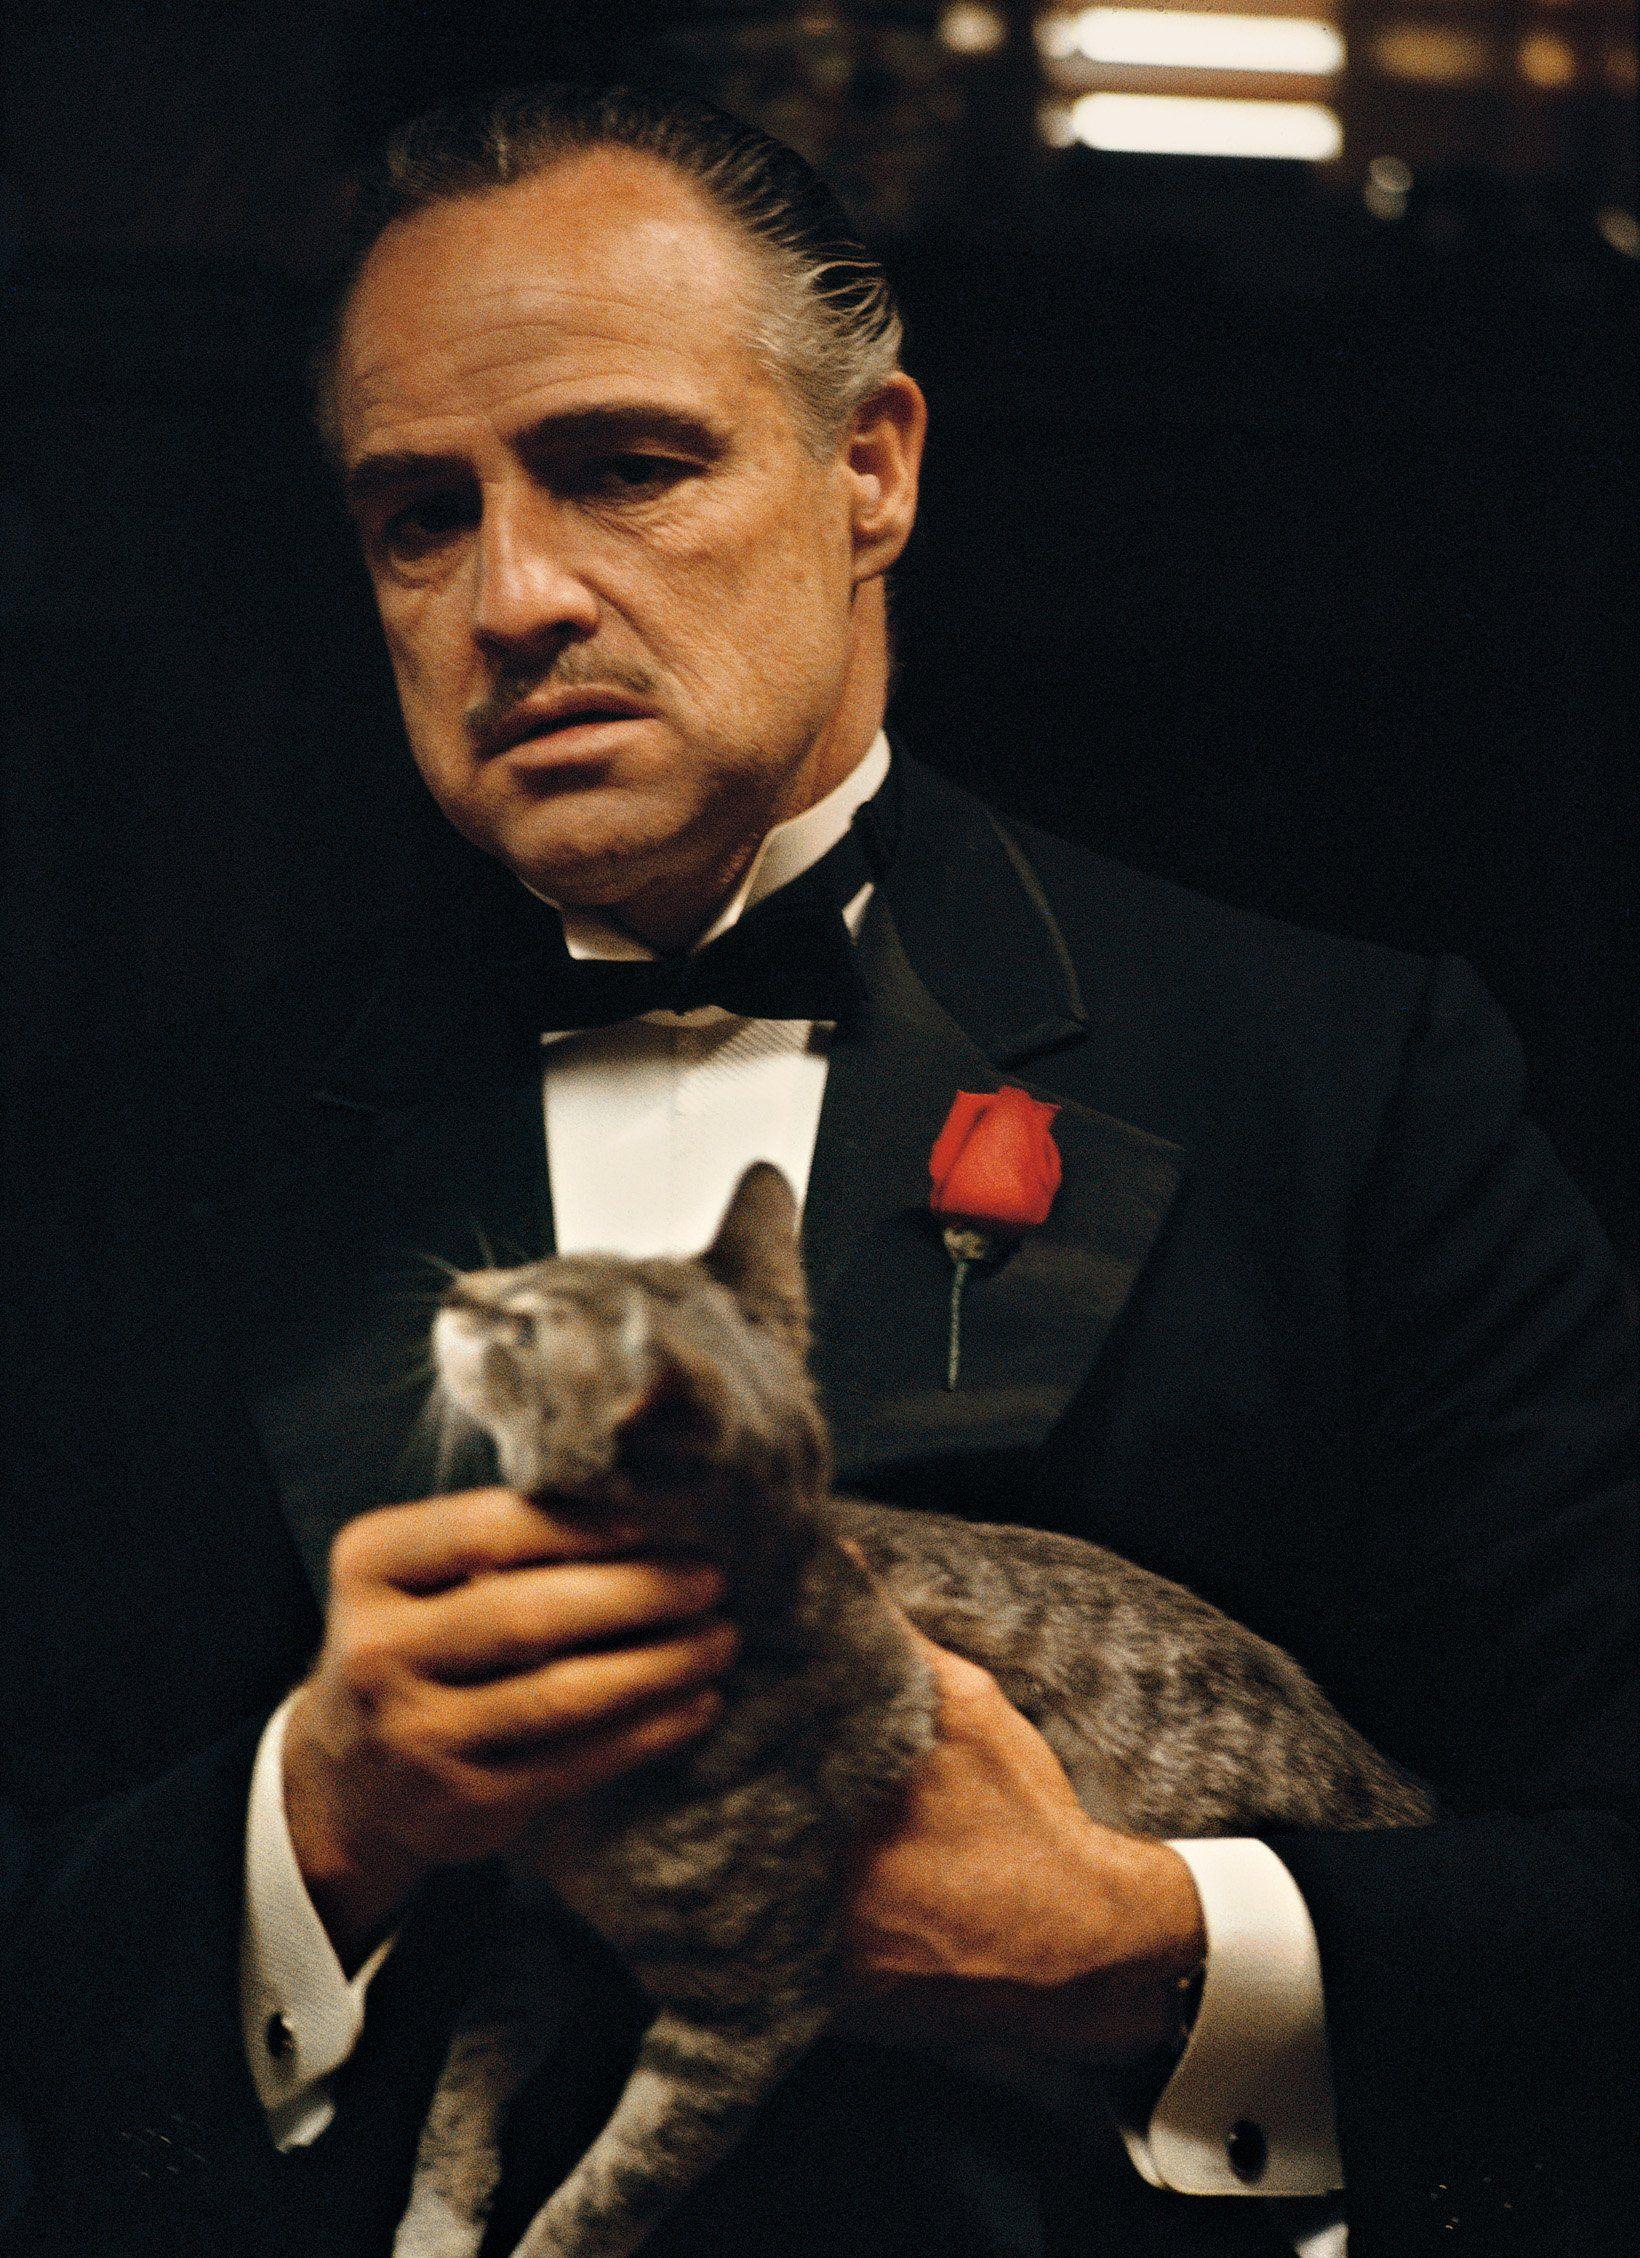 The Godfather: Francis Ford Coppola, Marlon Brando (Vito Corleone ...